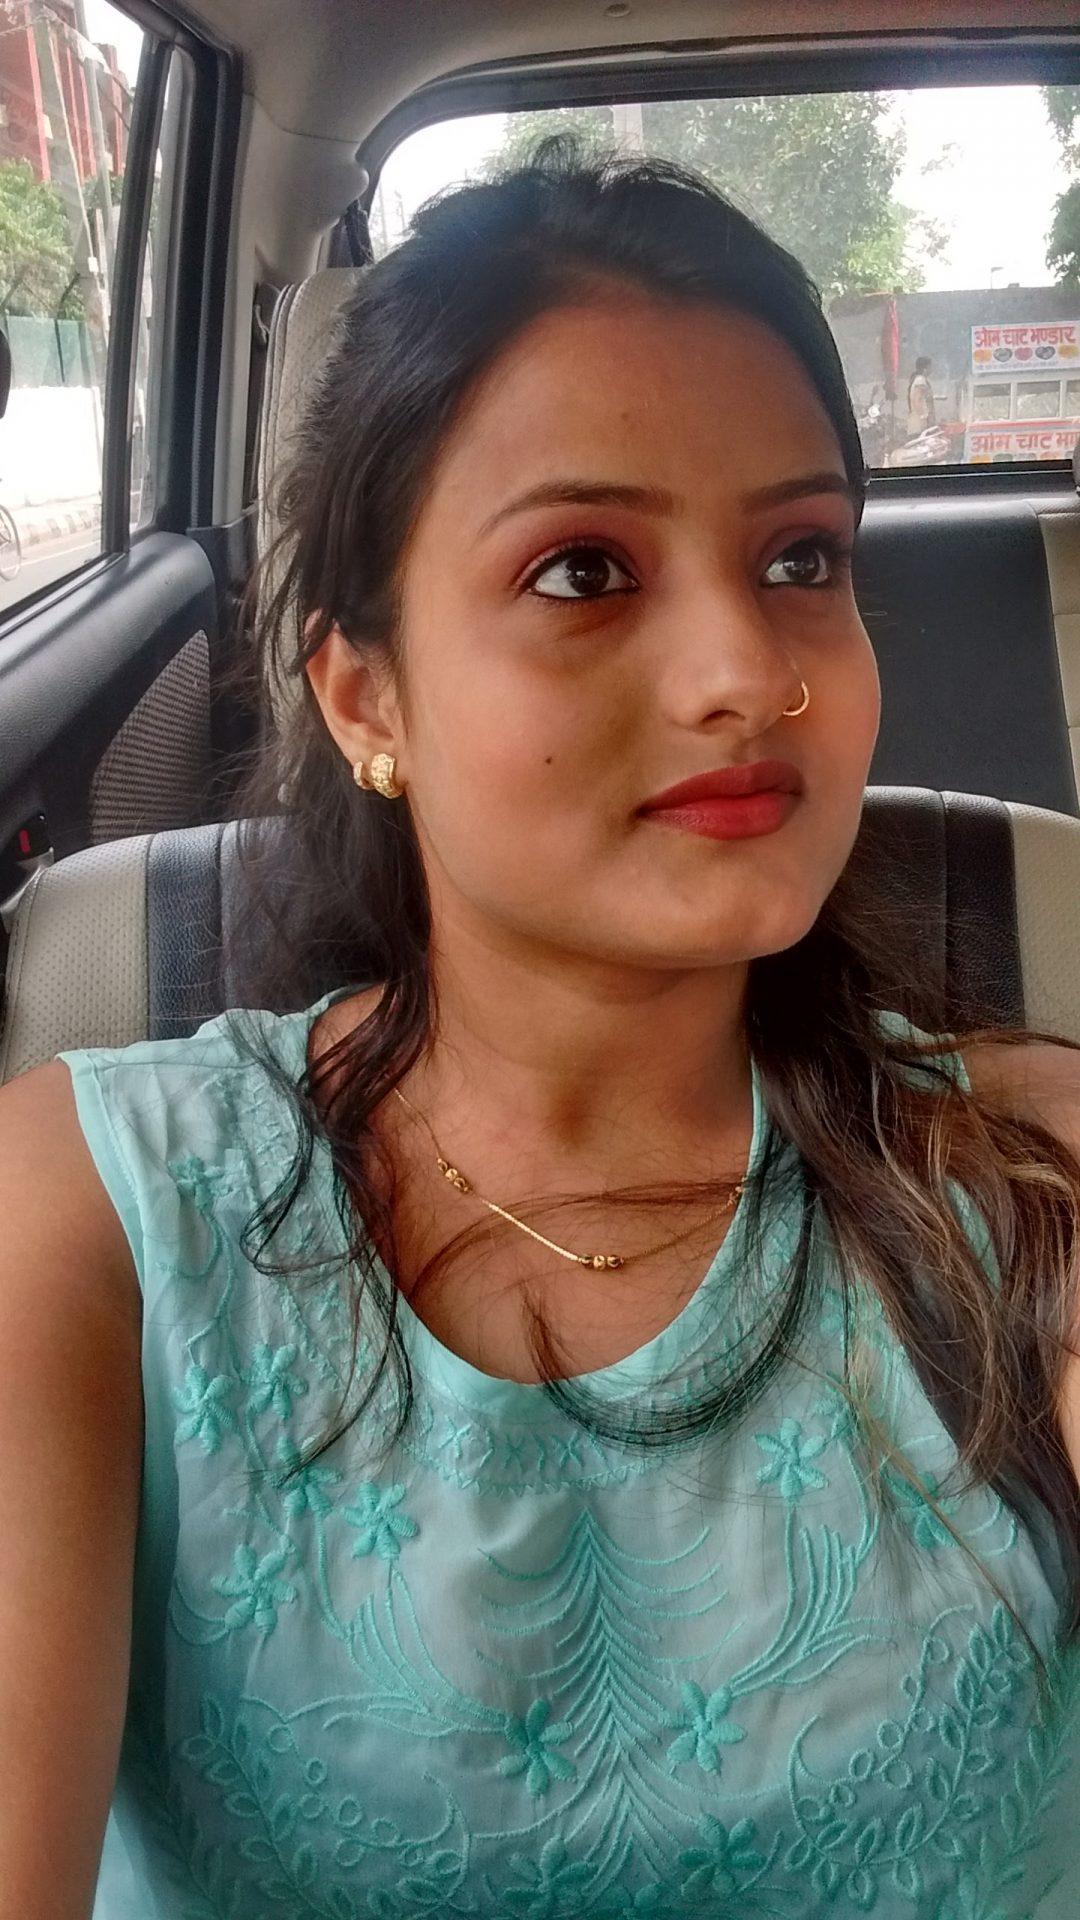 Image of Vandana Jain